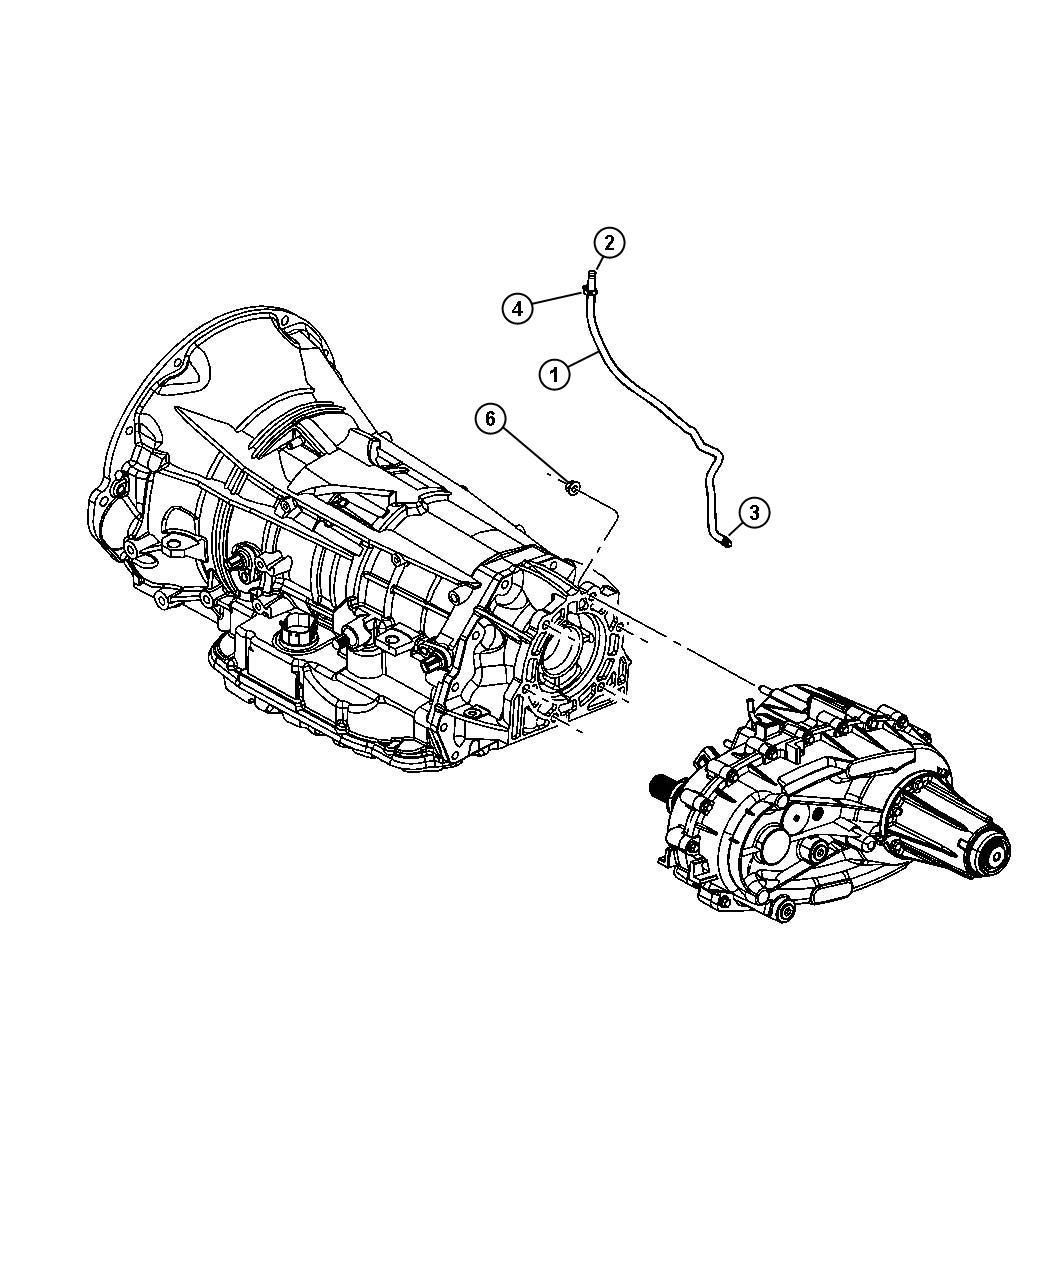 Dodge Ram 4x4 5 7l V8 Hemi Mds Vvt 5 Spd